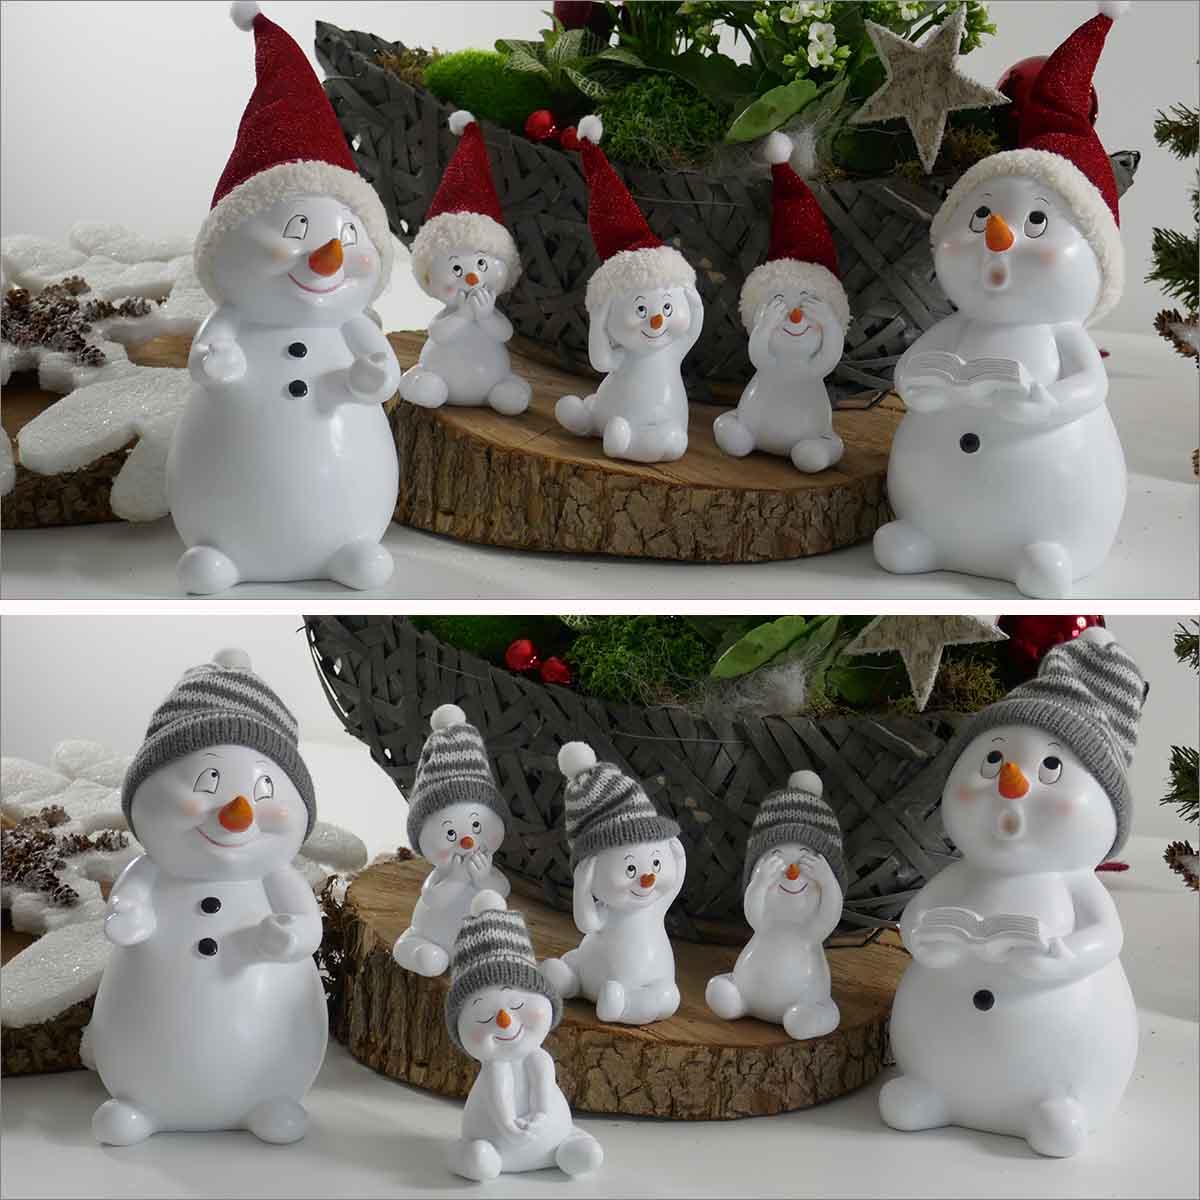 Niedliche Weihnachtsfiguren Image